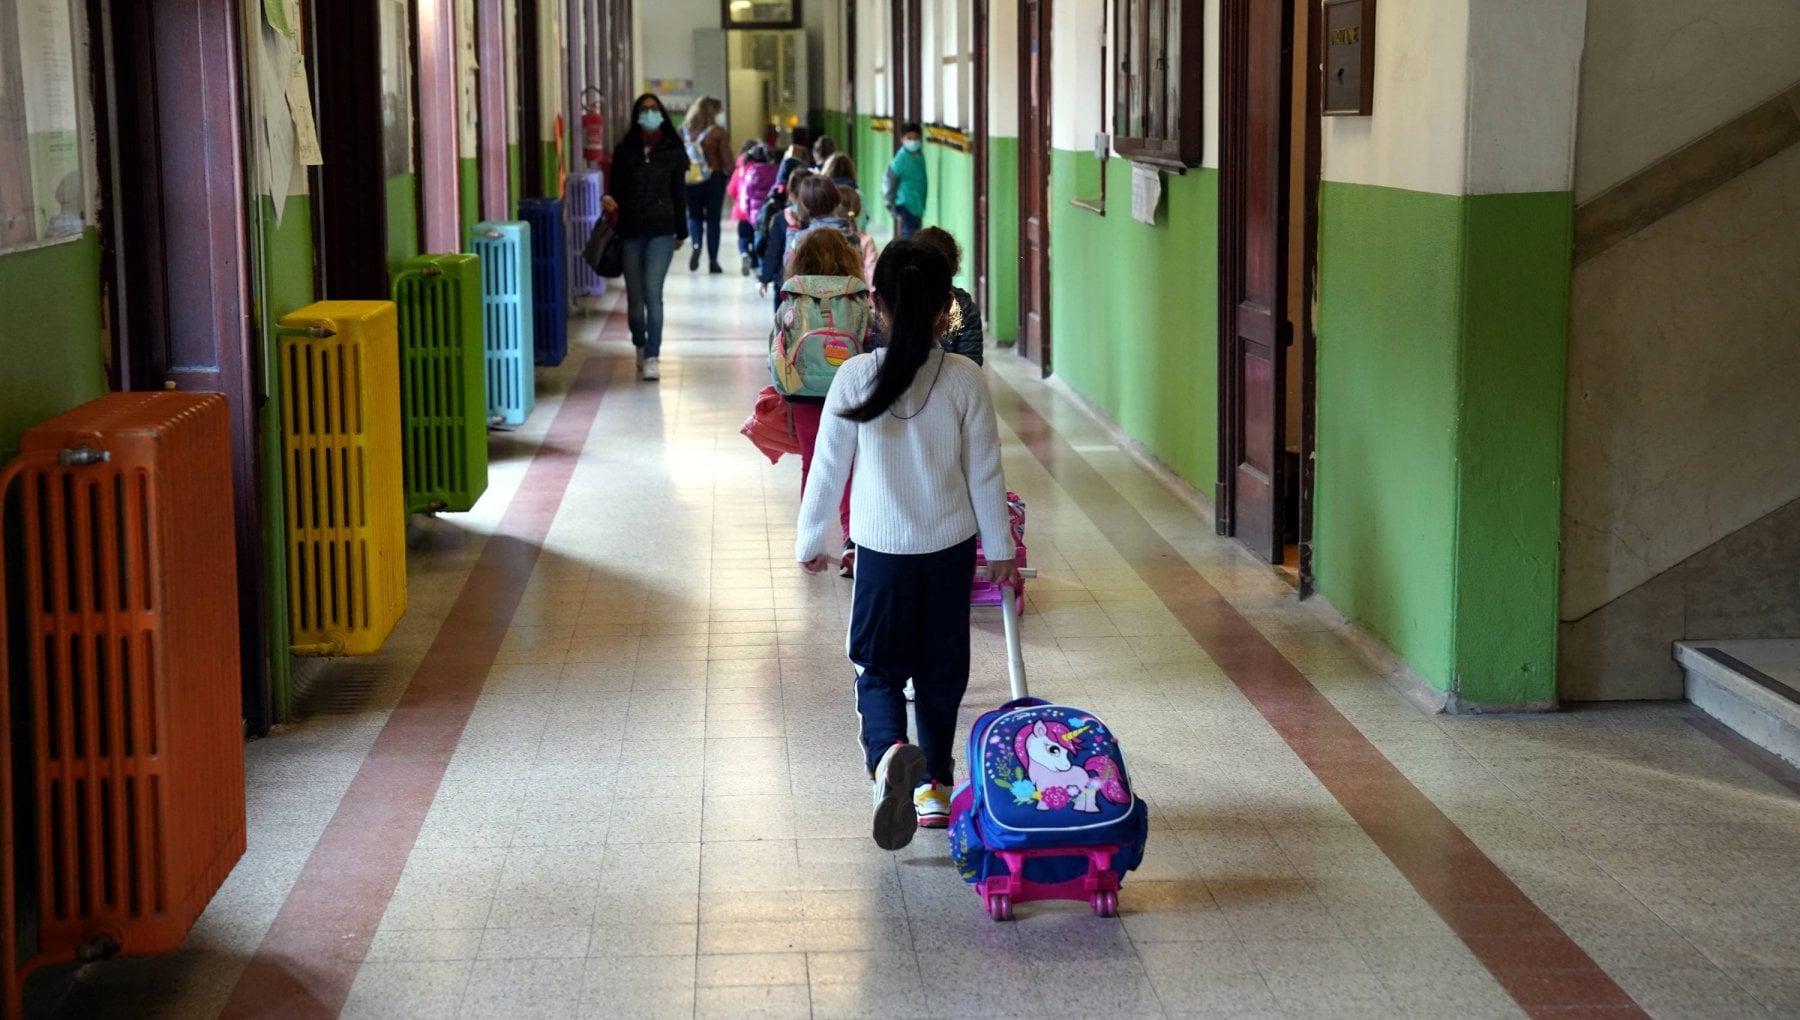 Lanalisi degli esperti La scuola non e responsabile dellaumento di contagi